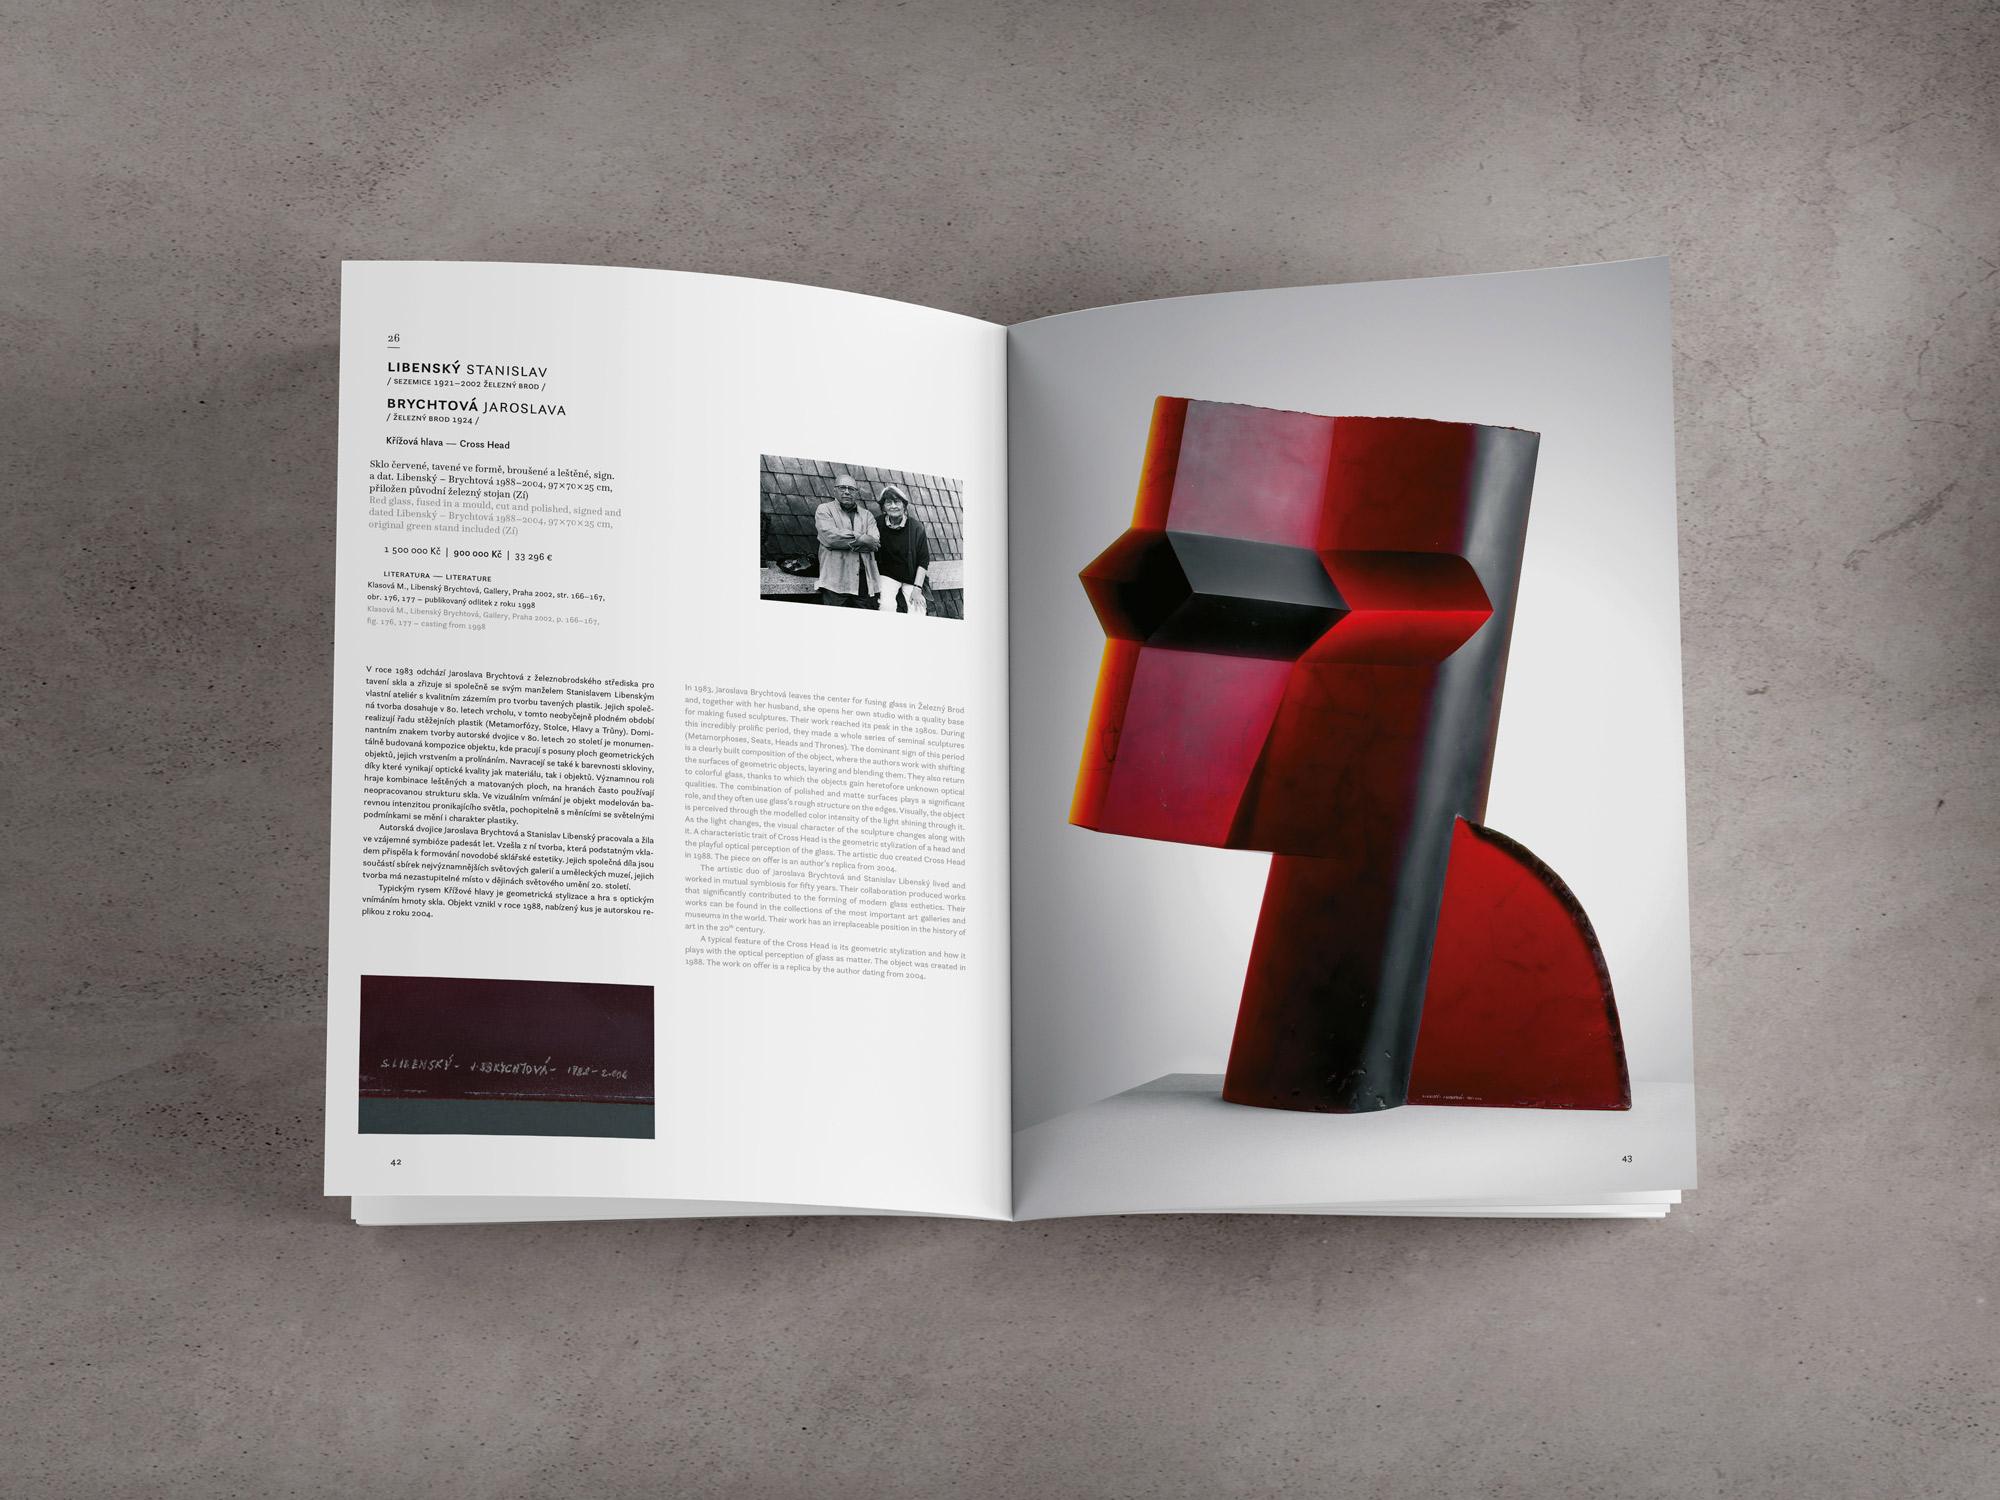 [album/Products_Model_Product/51/DOR_Krehka_sila_katalog_2016_vnitrek_1.jpg]